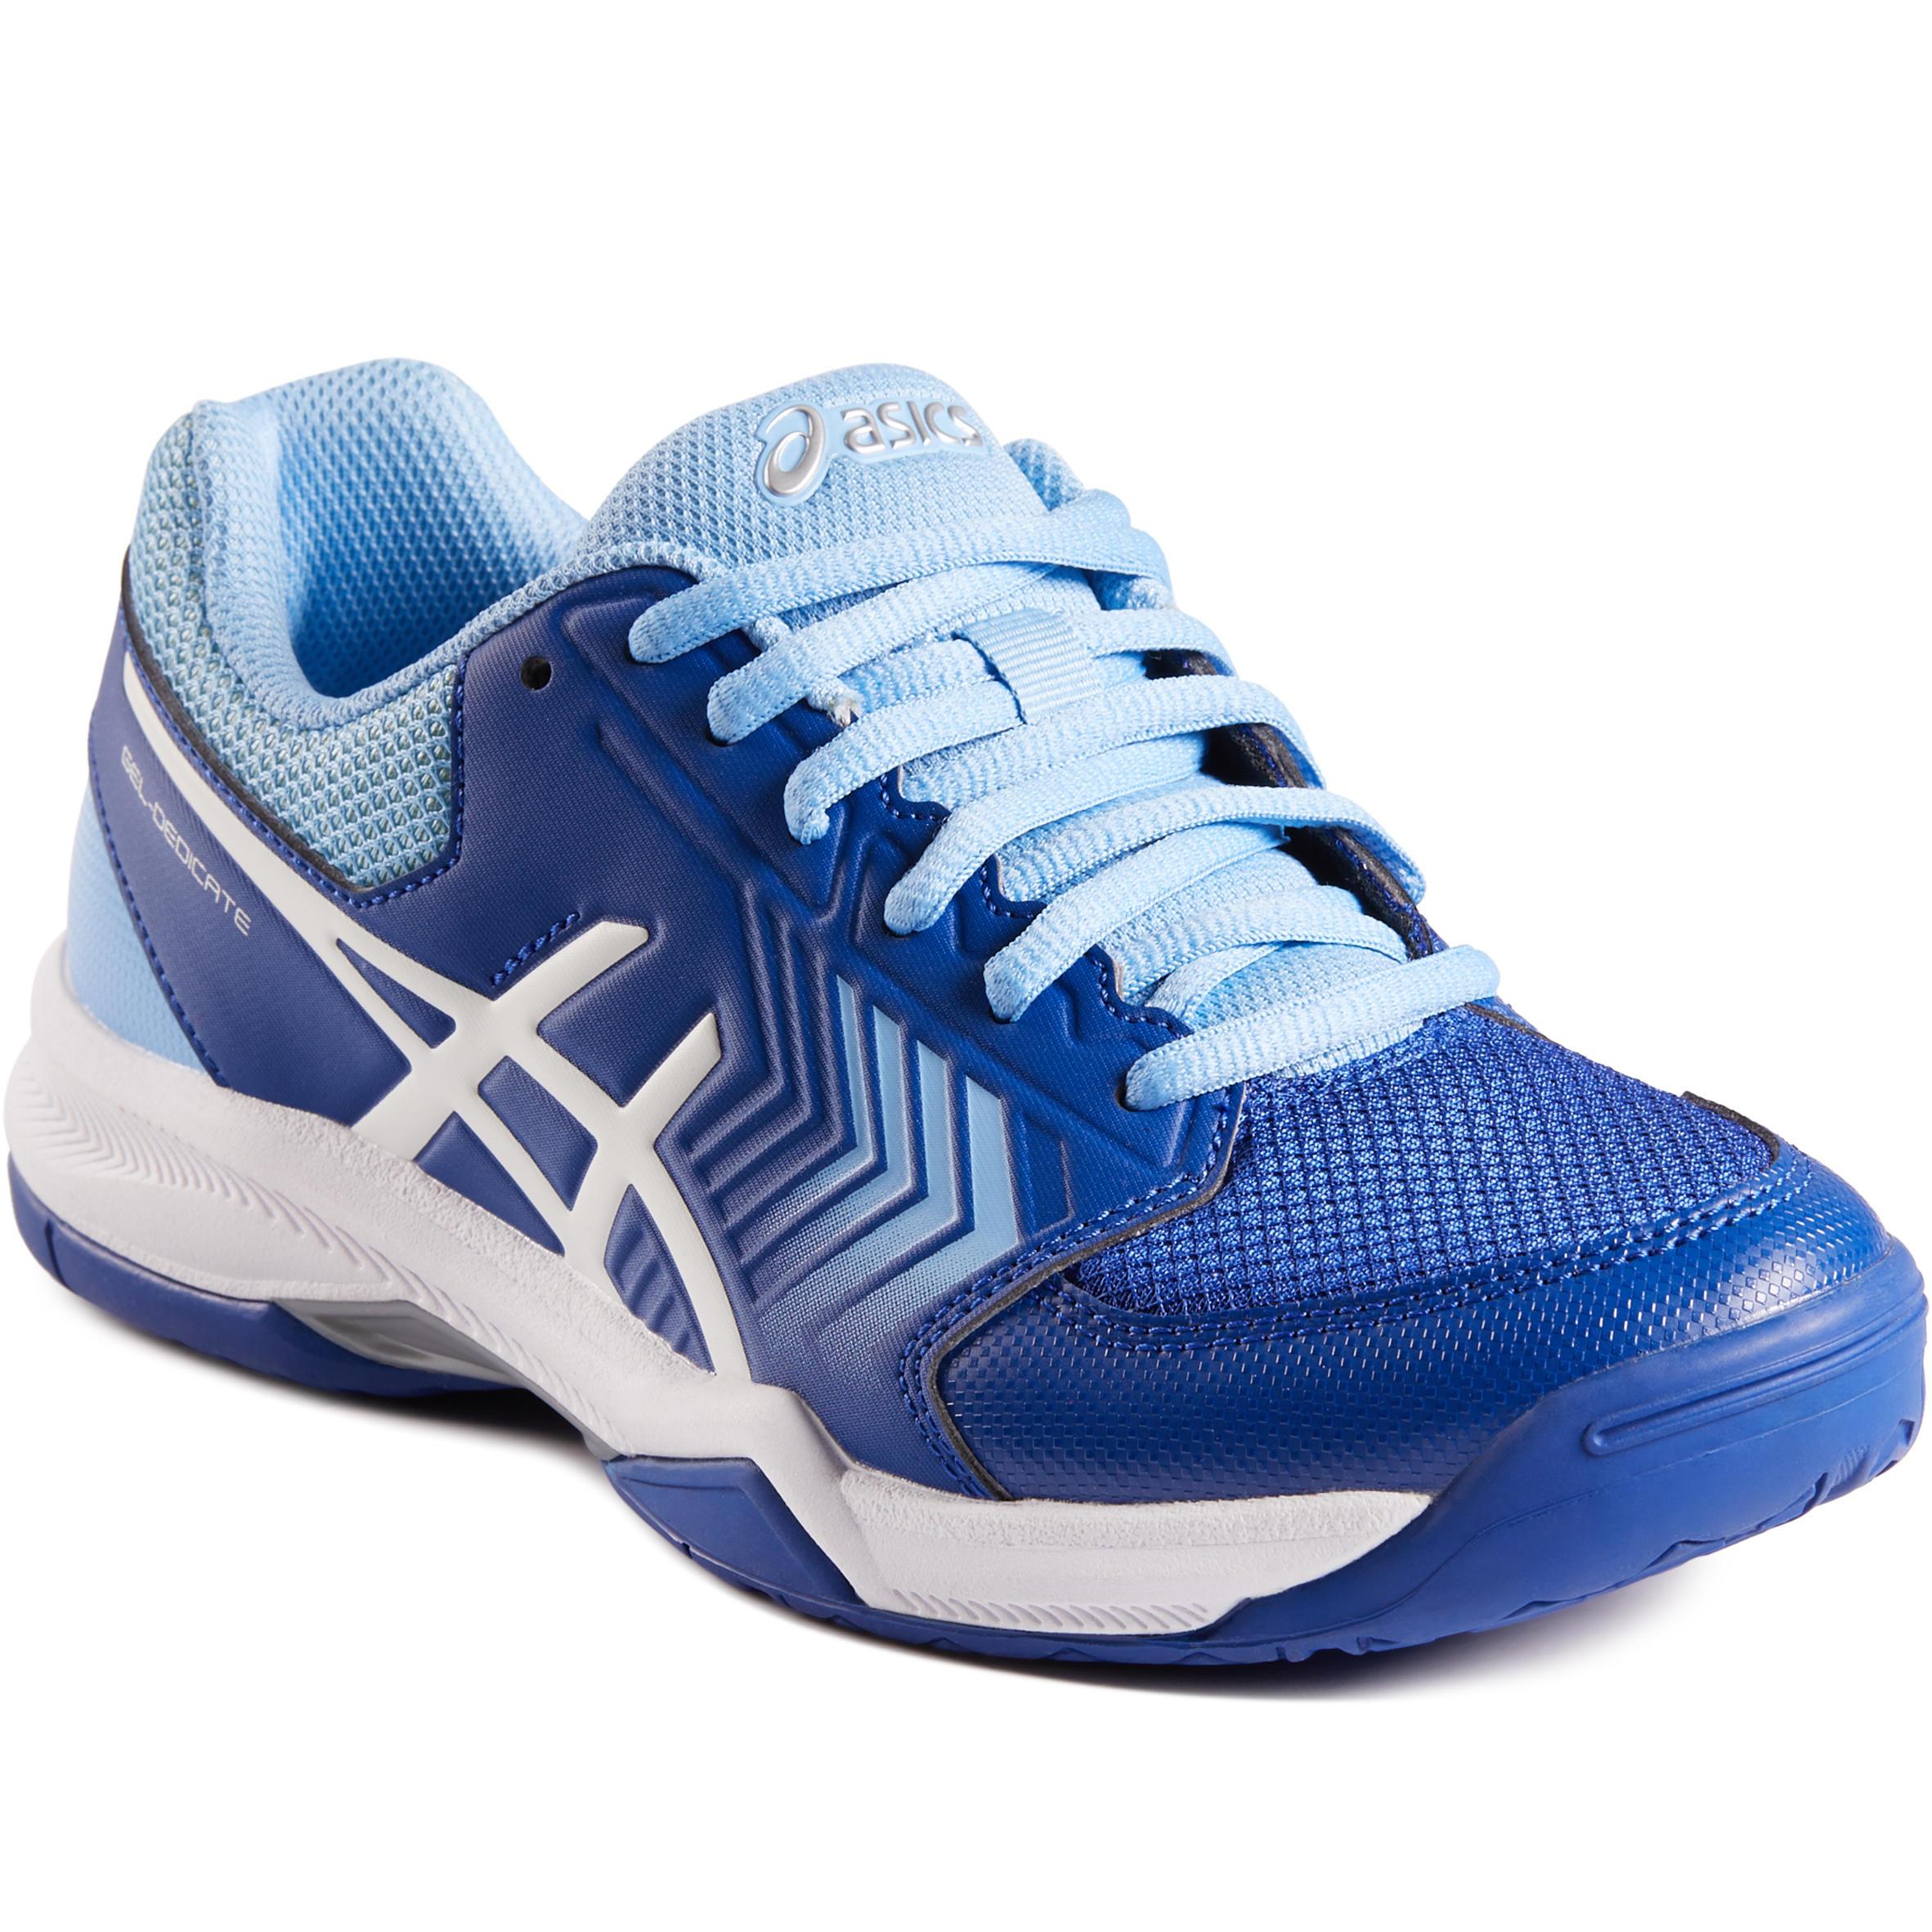 Asics Tennisschoenen voor dames Asics Gel Dedicate blauw